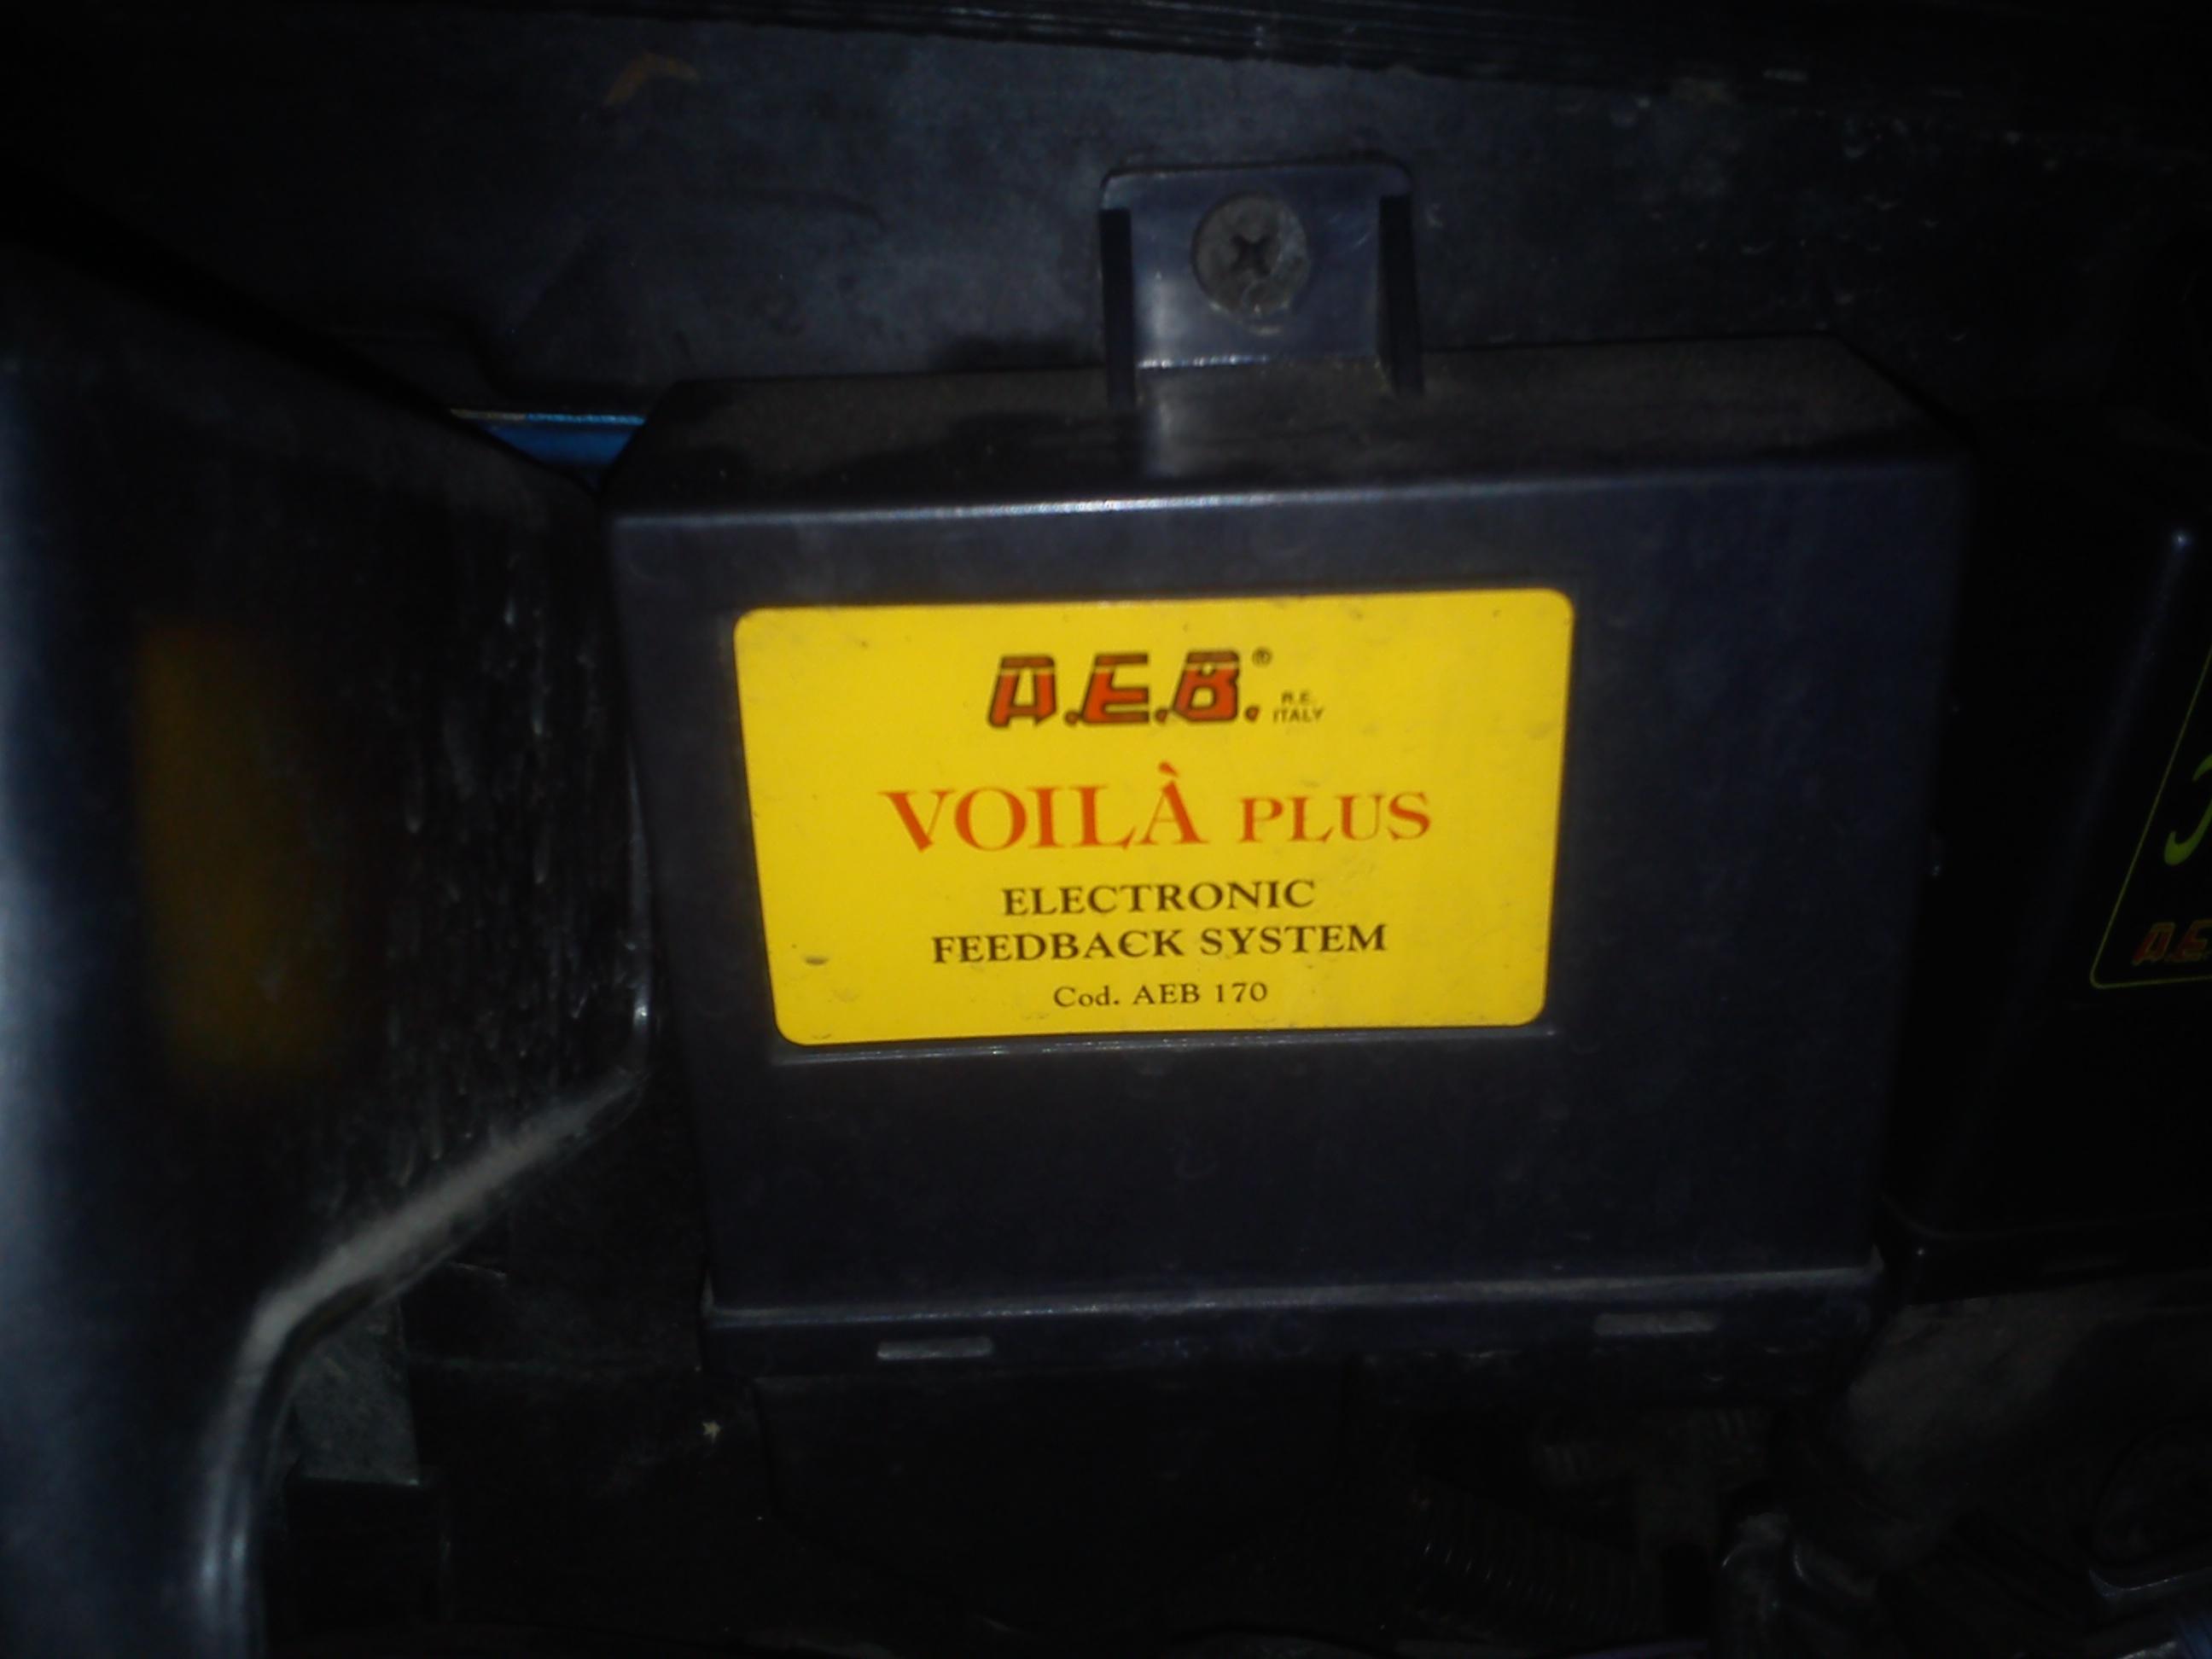 Fiat Punto 75 1.2 8v - Problem z prac� na benzynie - szarpie, ga�nie itd.